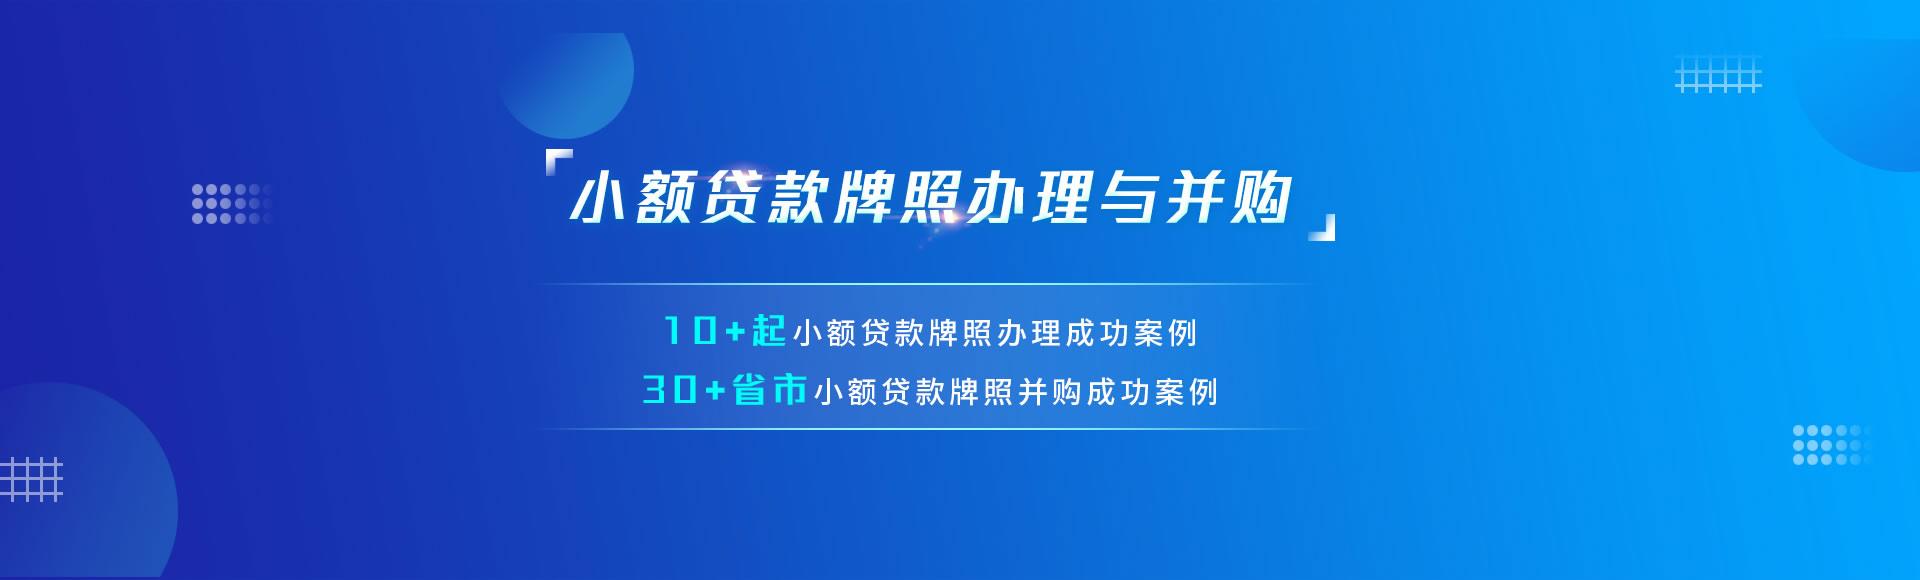 小额贷款福彩3d字谜乐彩转让,小额贷款公司转让,小额贷款资质